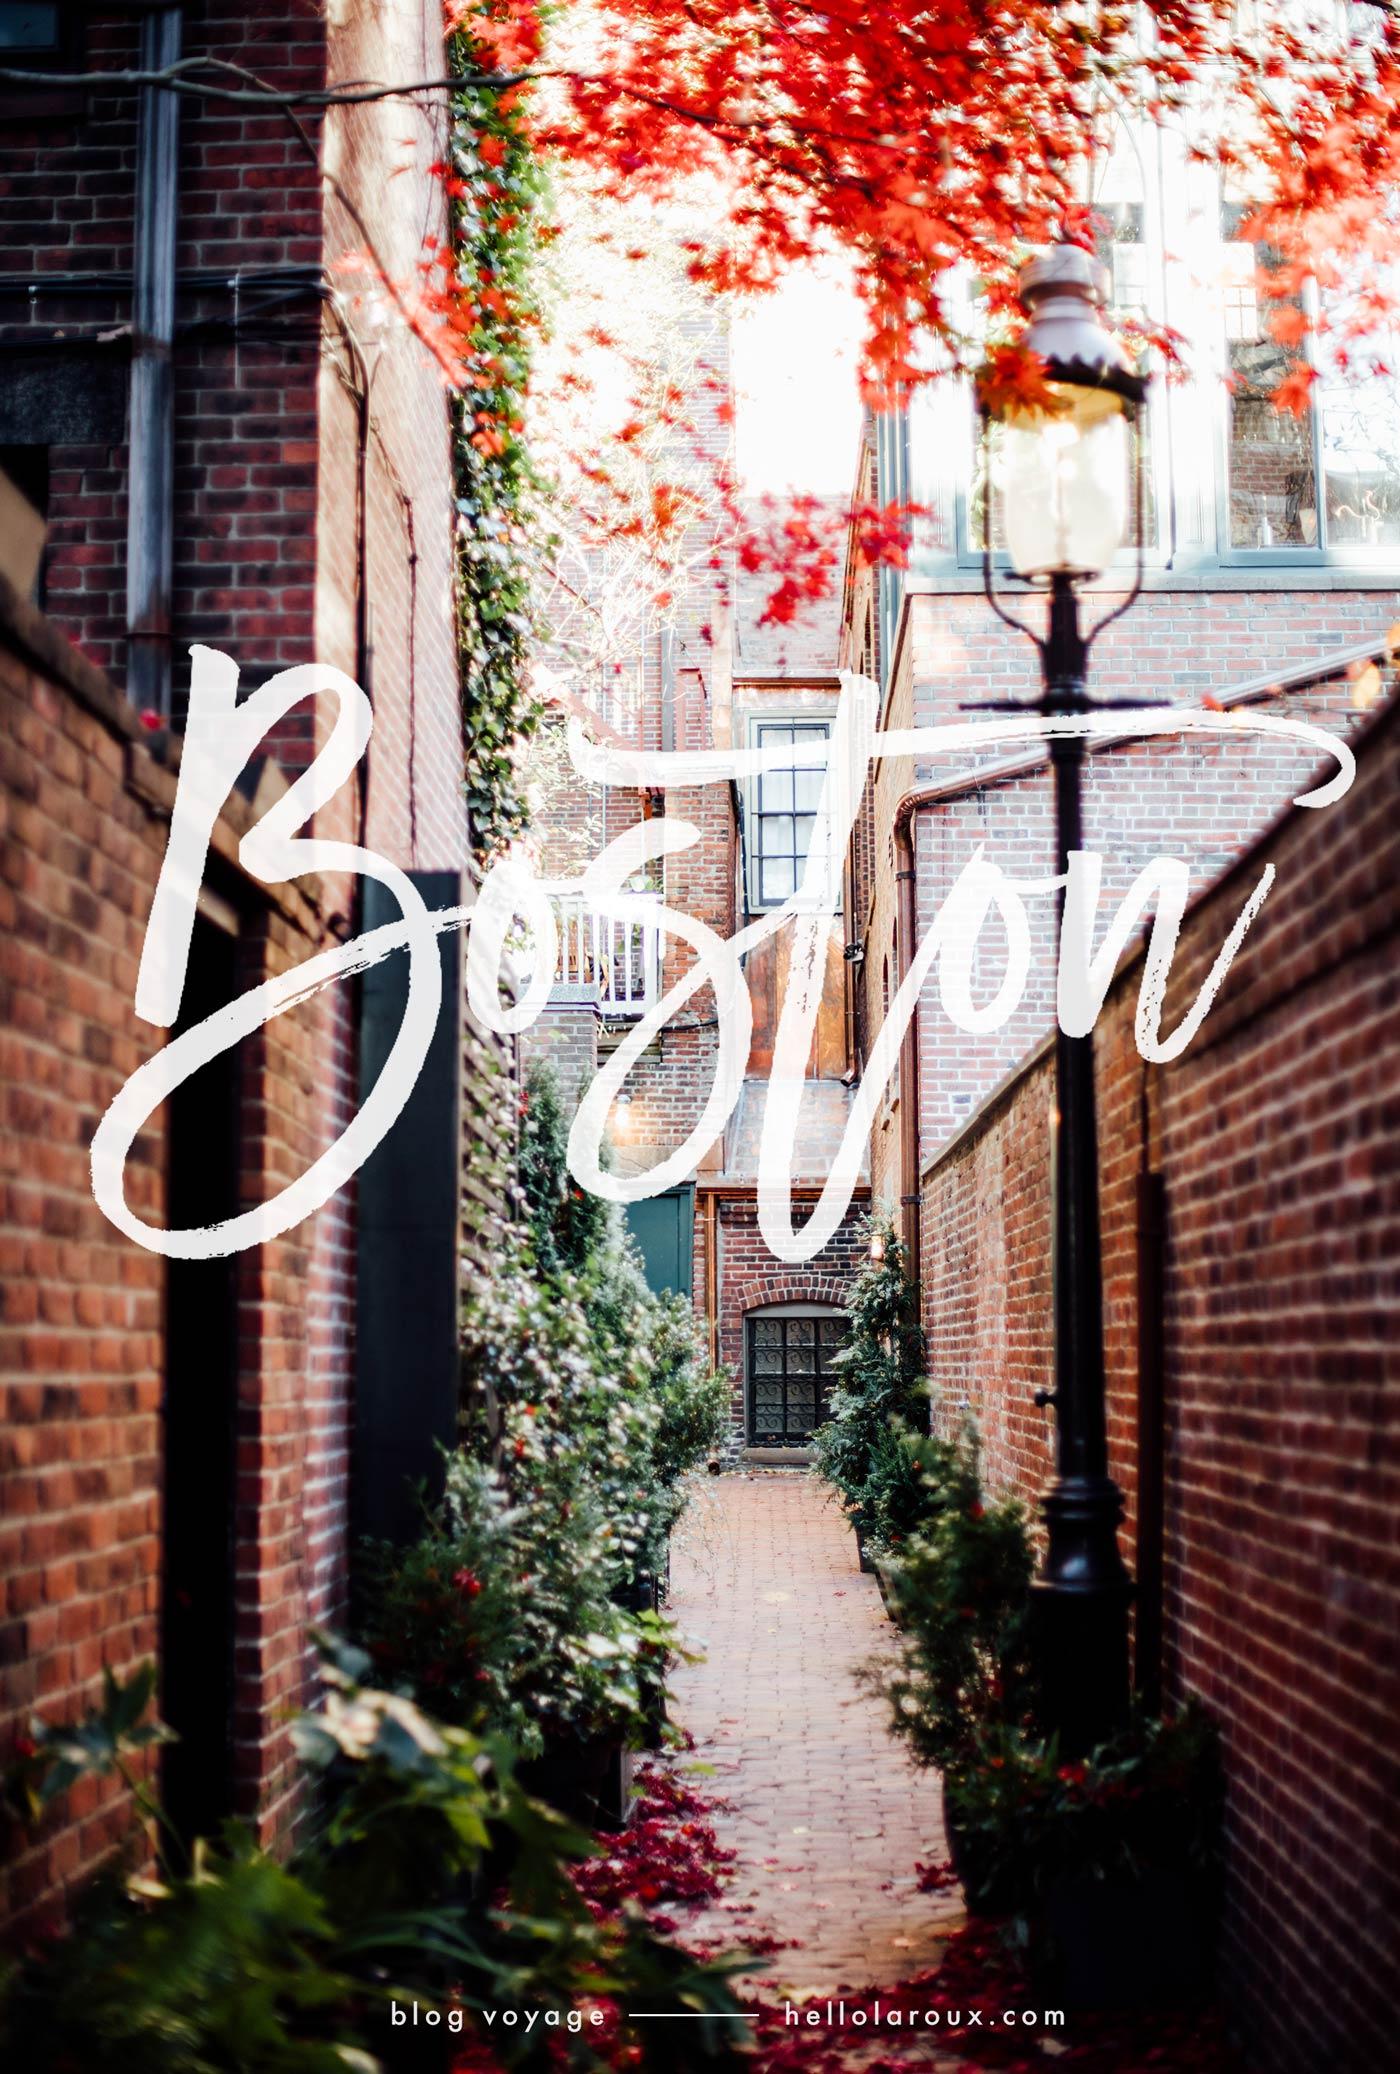 visiter Boston en 2 jours : que voir, que faire ?